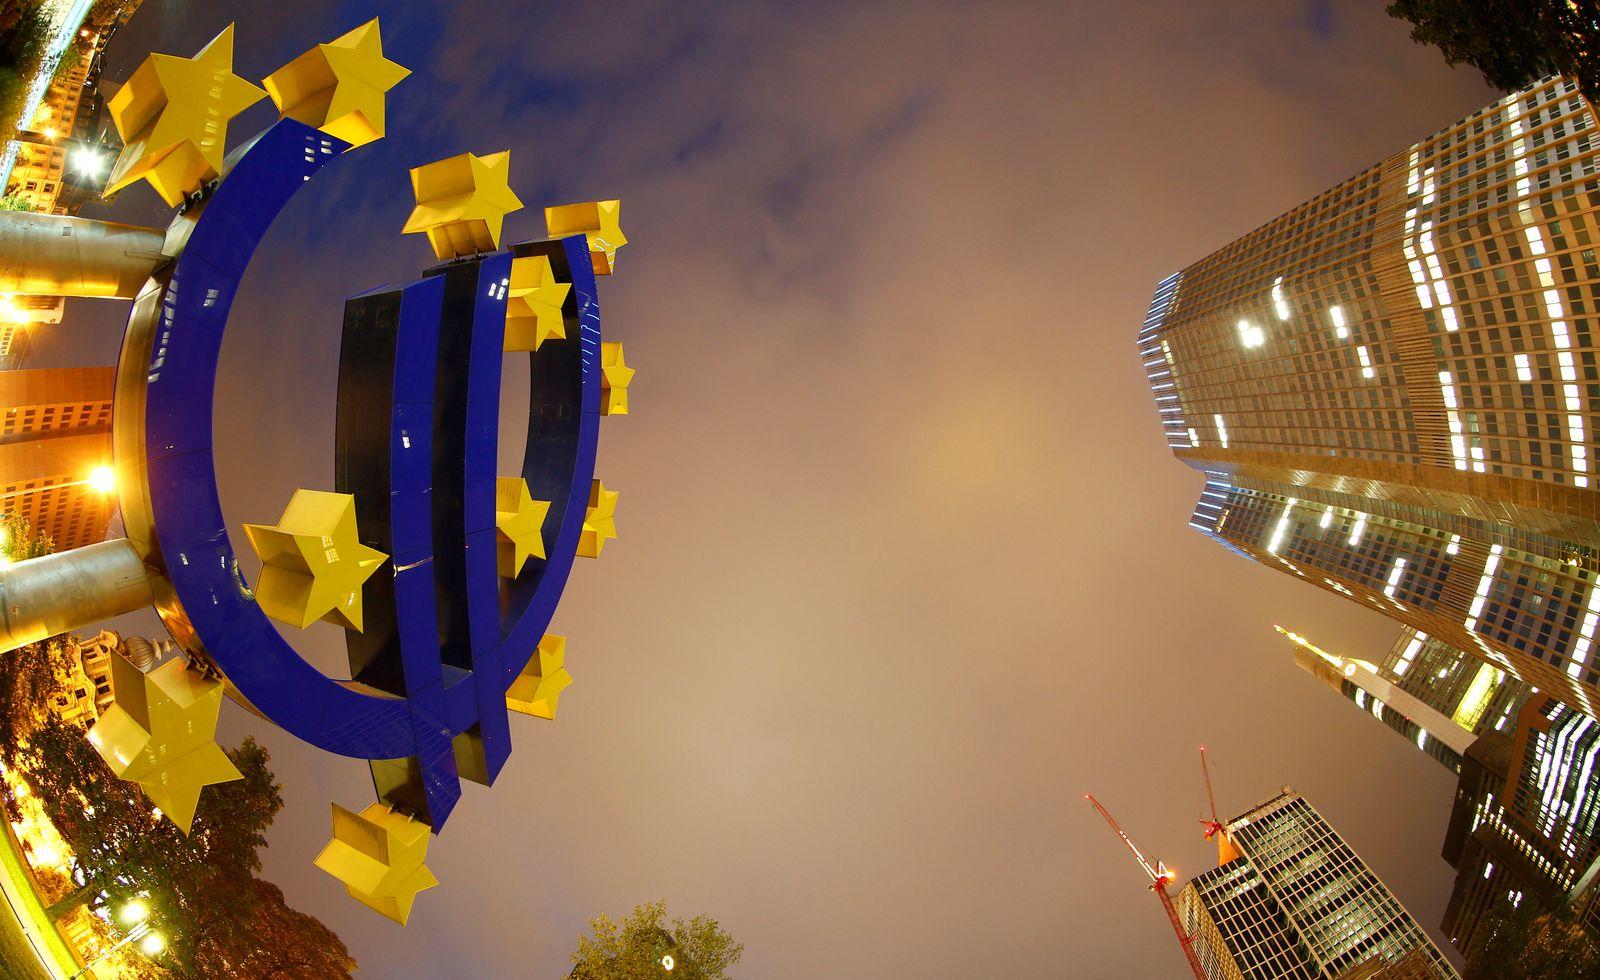 ezb euro zeichen